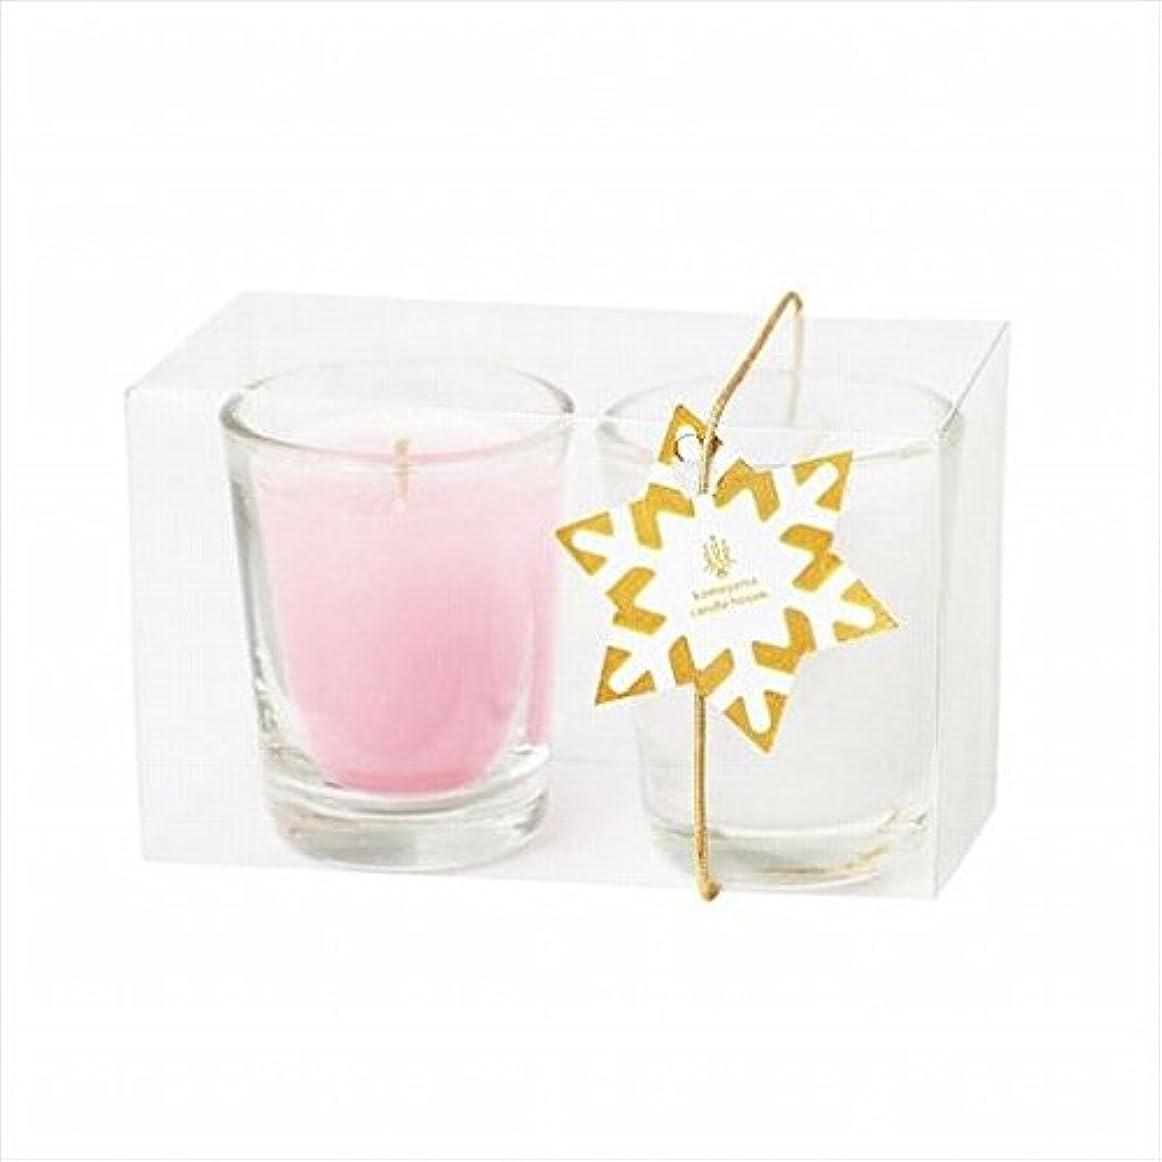 退院エンコミウム哀れなkameyama candle(カメヤマキャンドル) ミニライト2個入り 「 ホワイト&ピンク 」(A9570020)